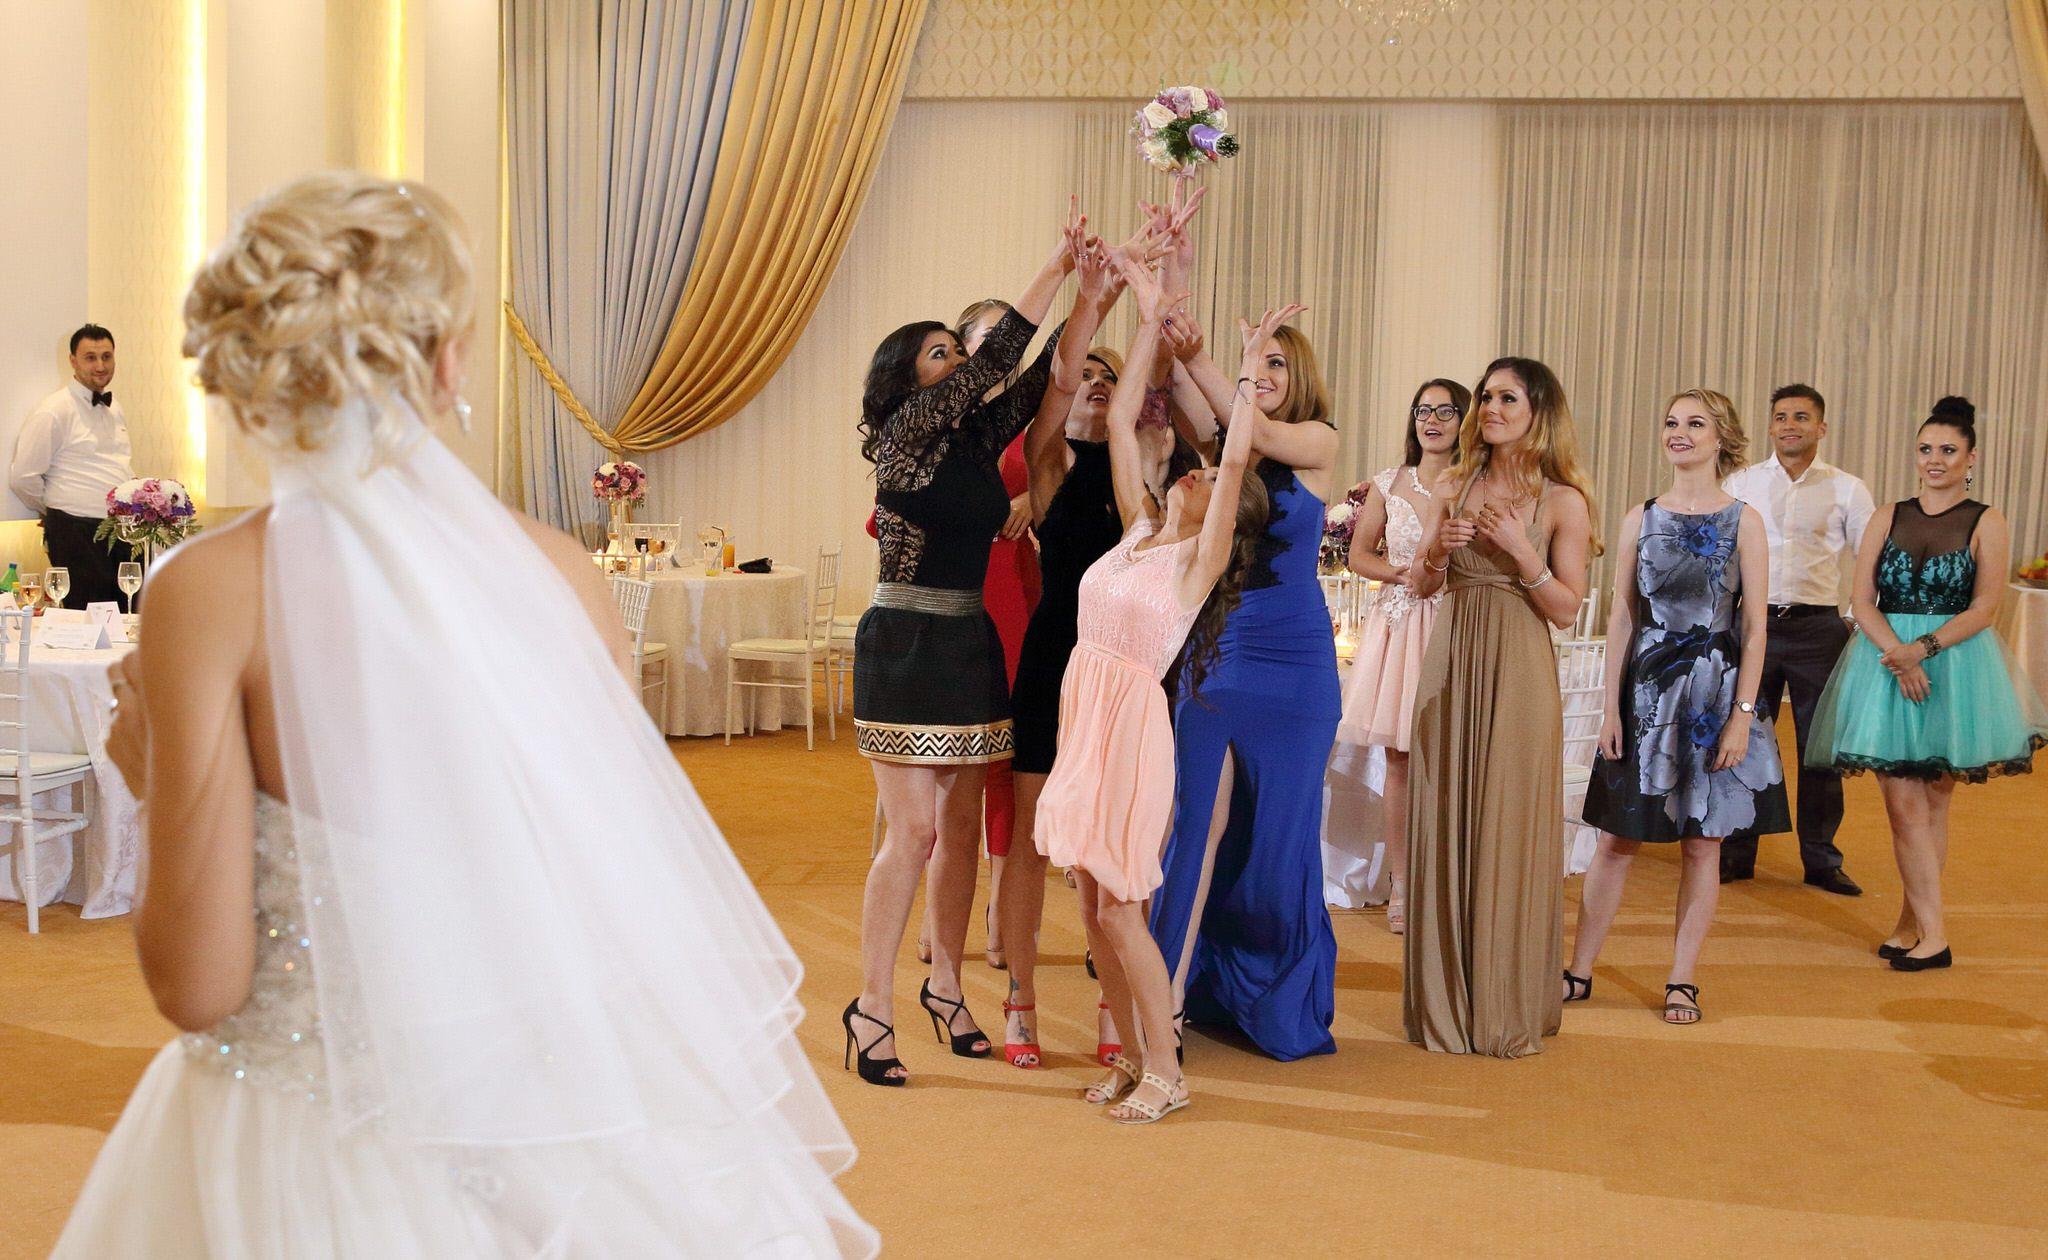 Petrecere nunta, aruncarea buchetului